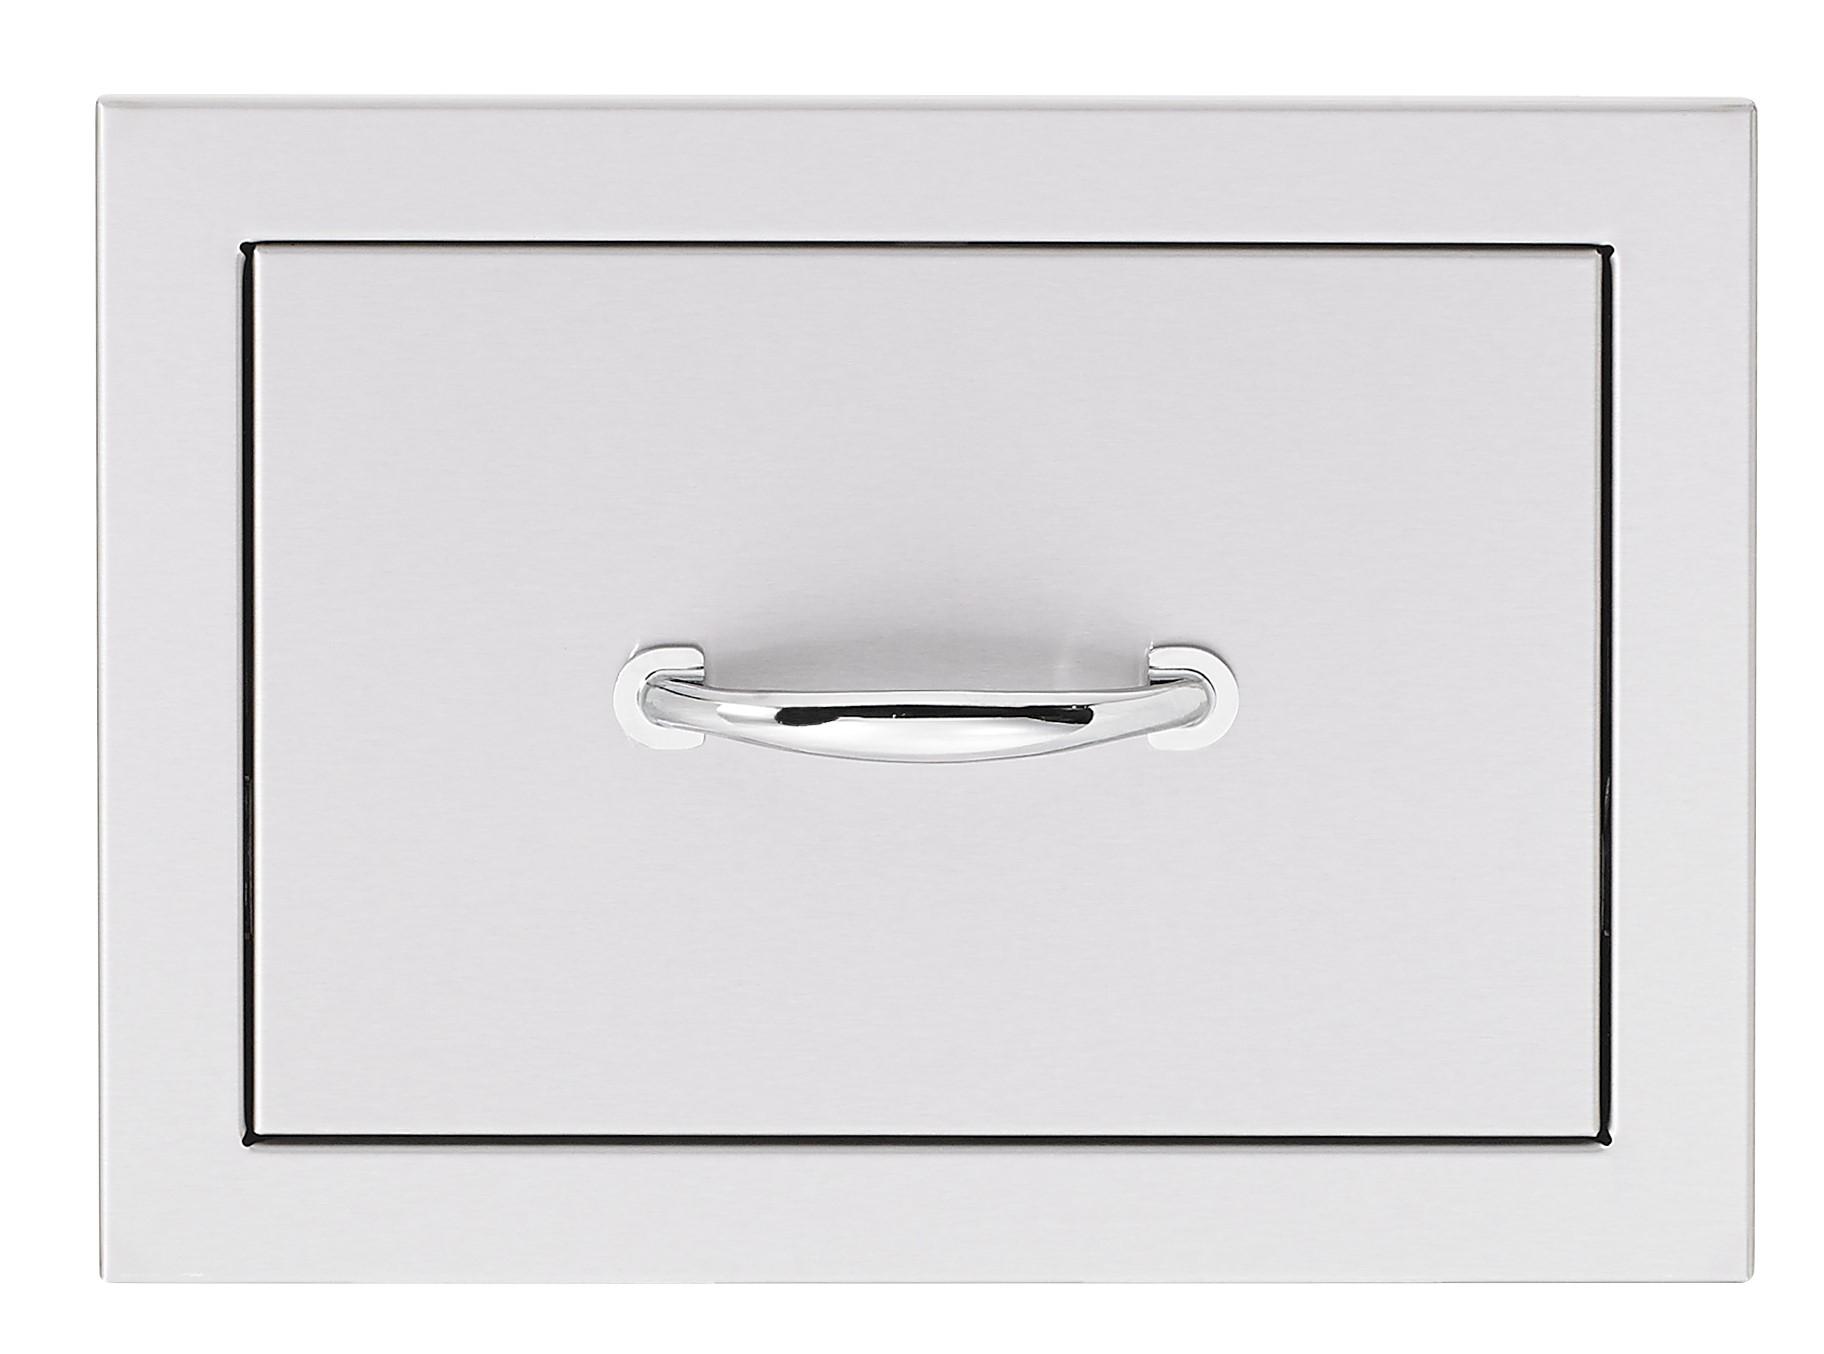 Outdoor Kitchen Storage Drawer Units